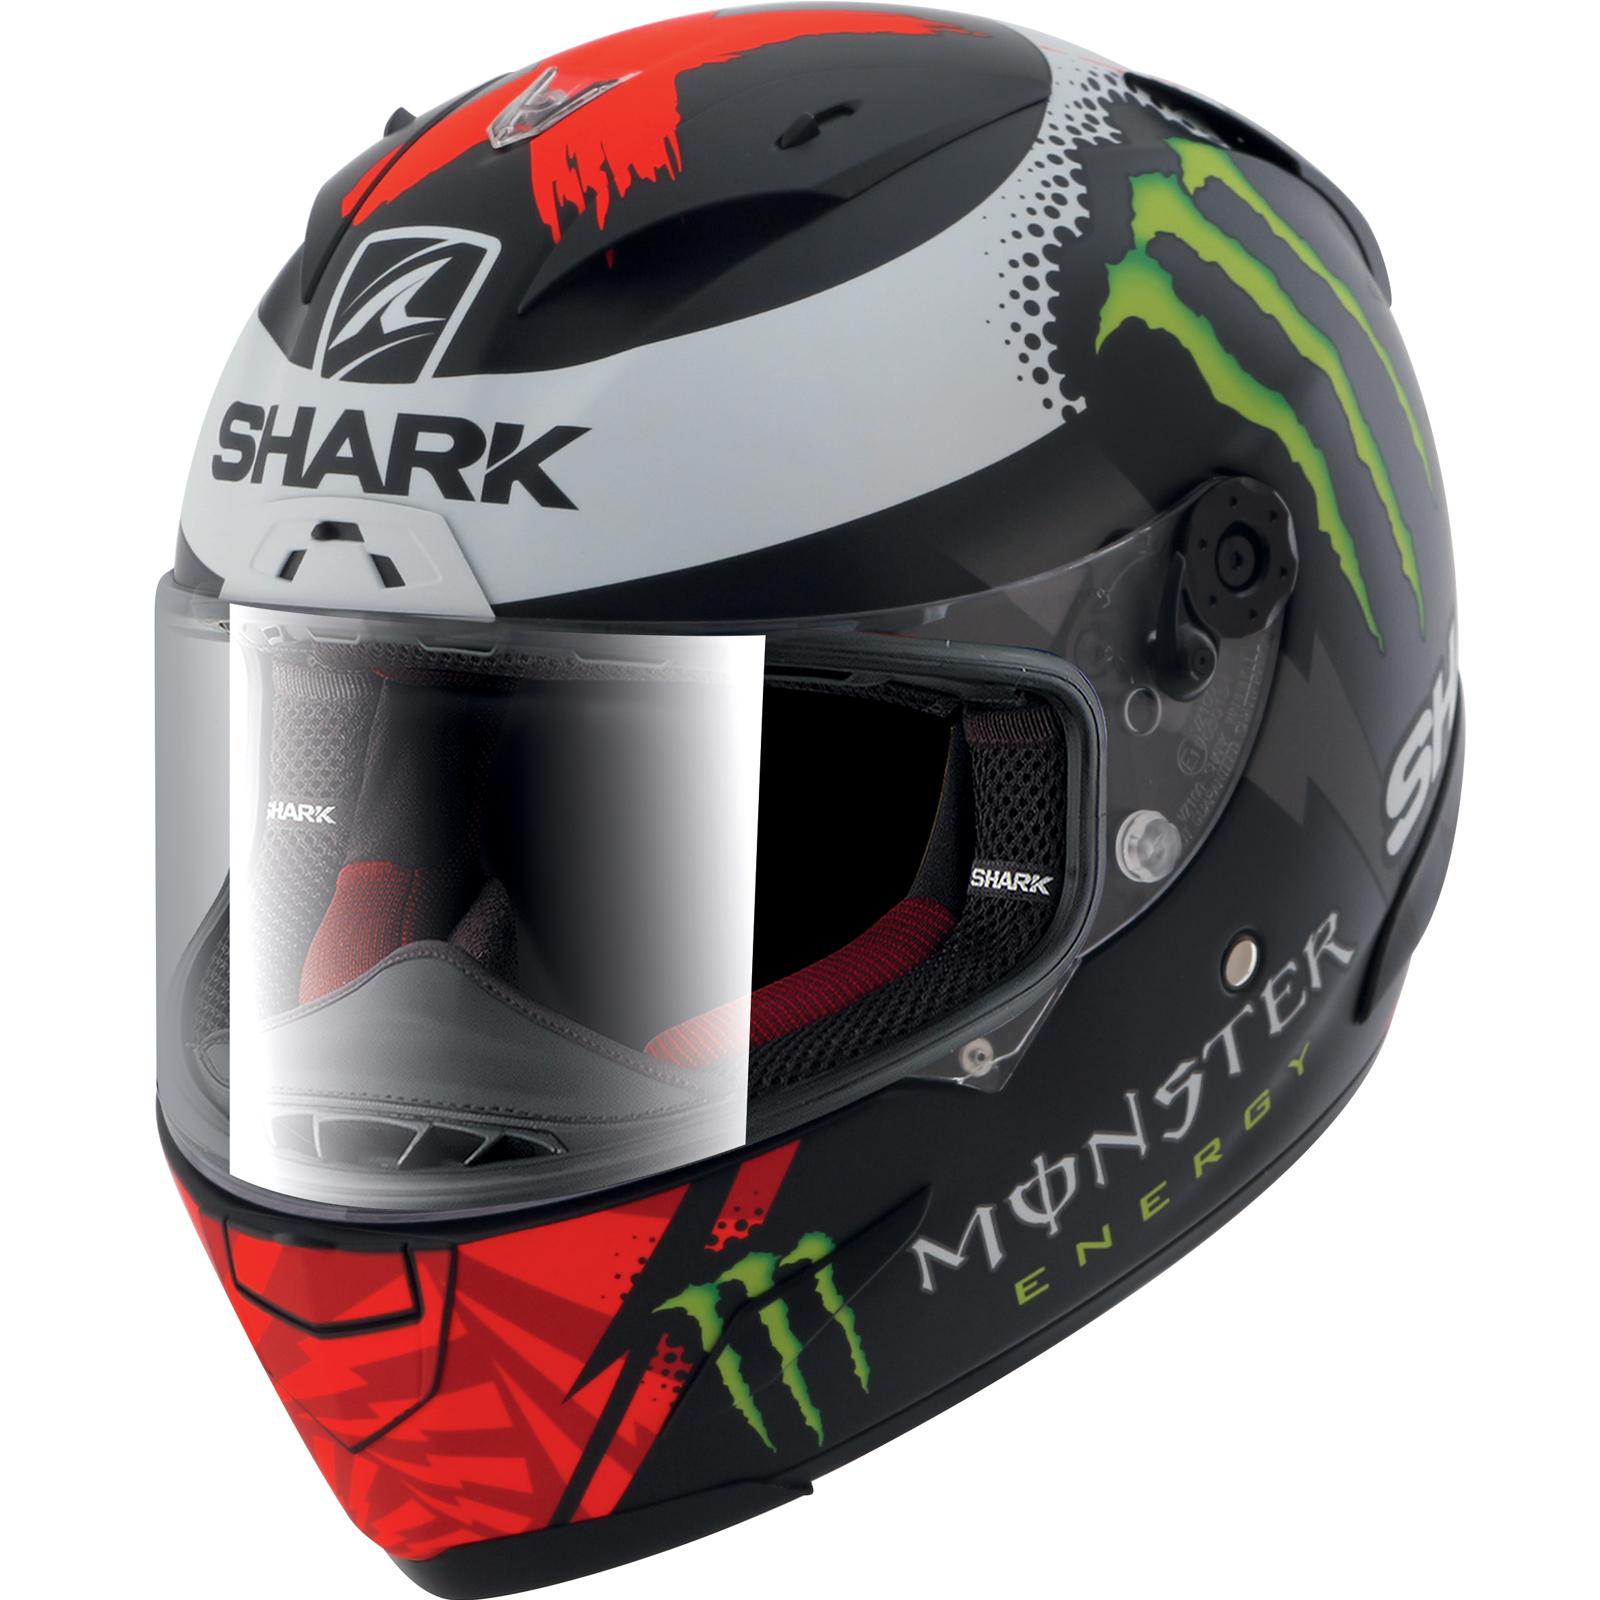 feae8beee6cd1 Shark Race-R Pro Lorenzo Monster Motorbike Helmet   Visor Full Face ...